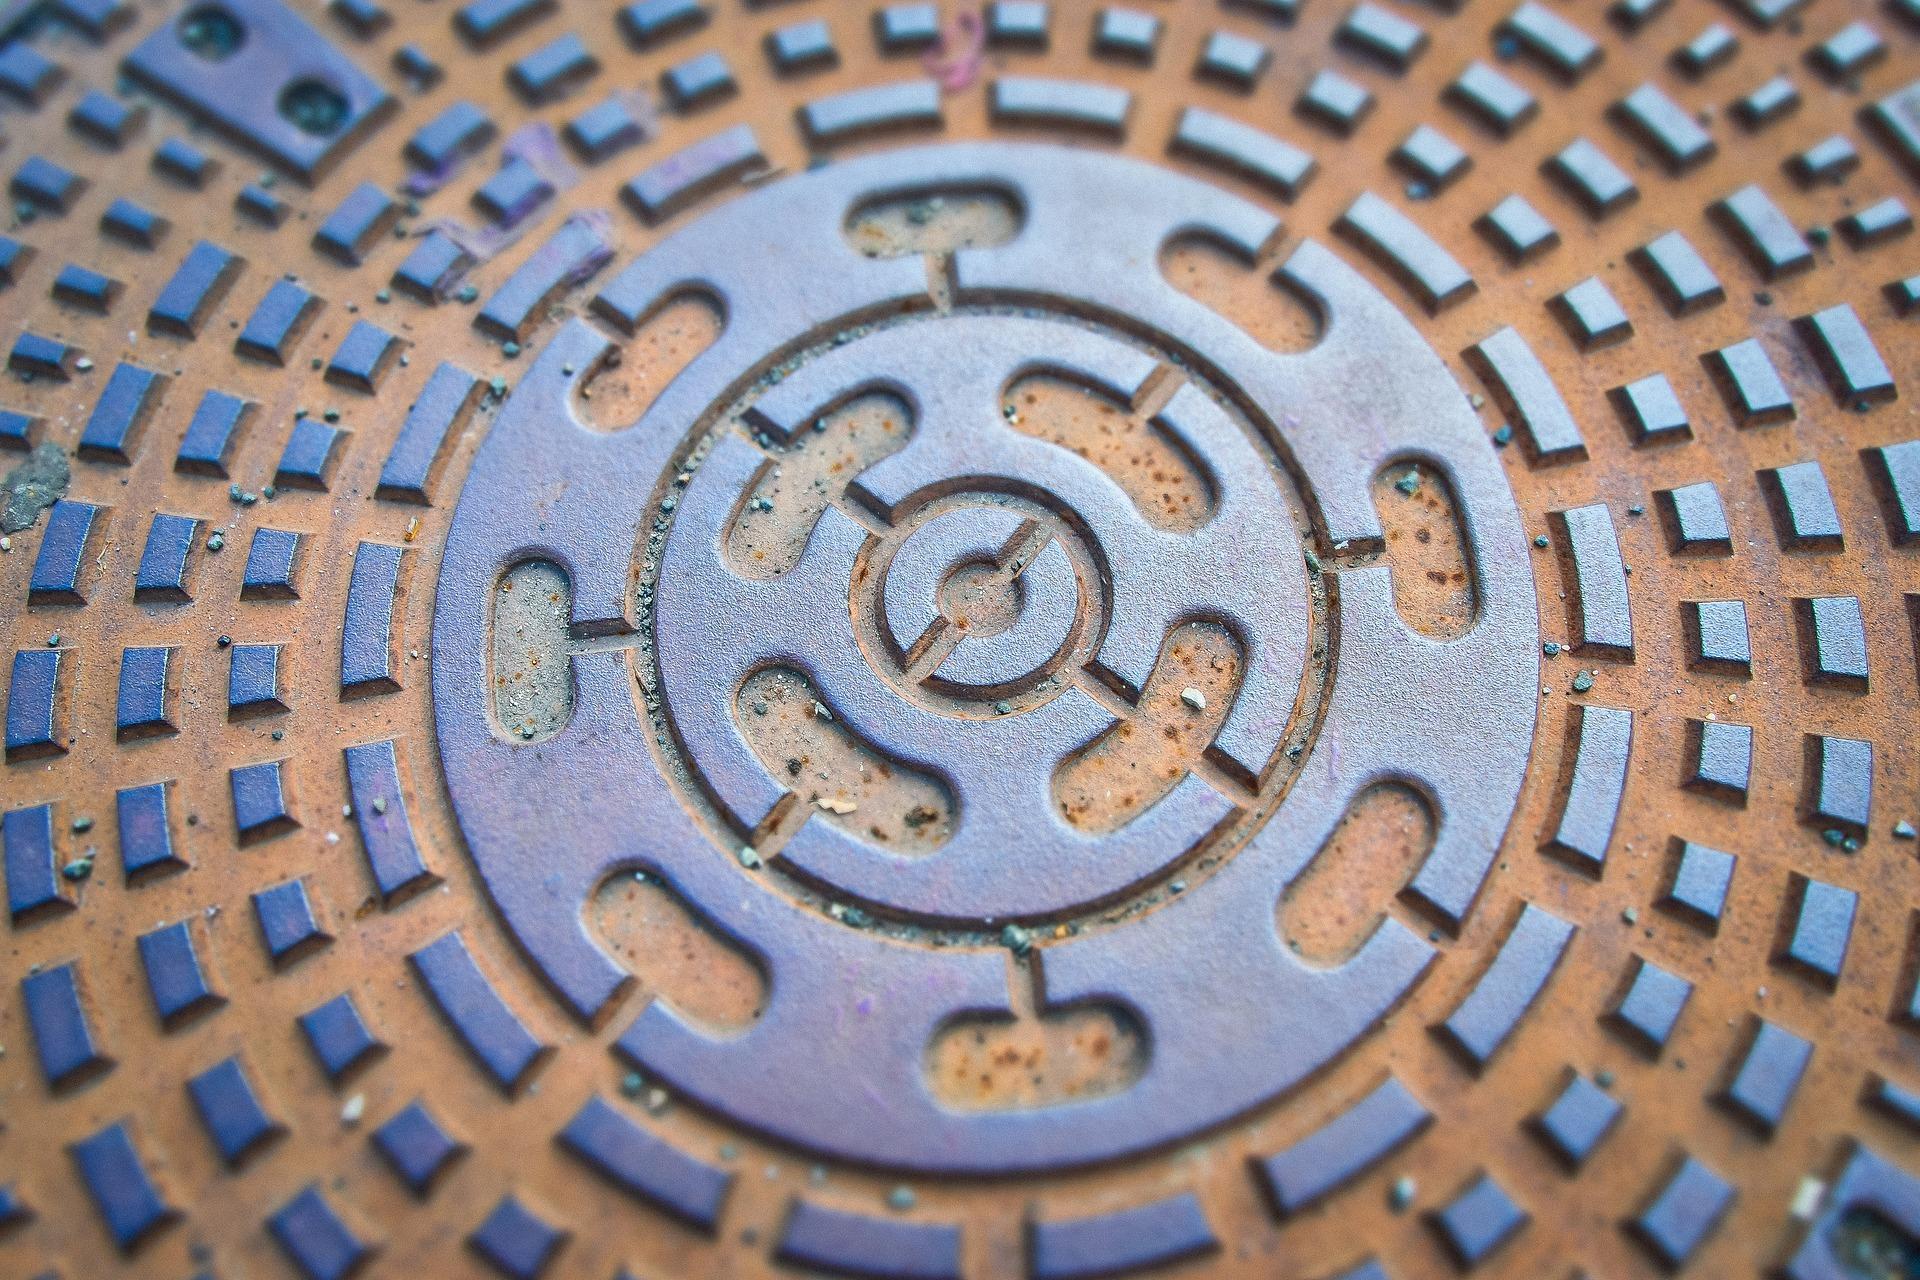 Gullideckel, Quelle: Bild von MichaelGaida auf Pixabay